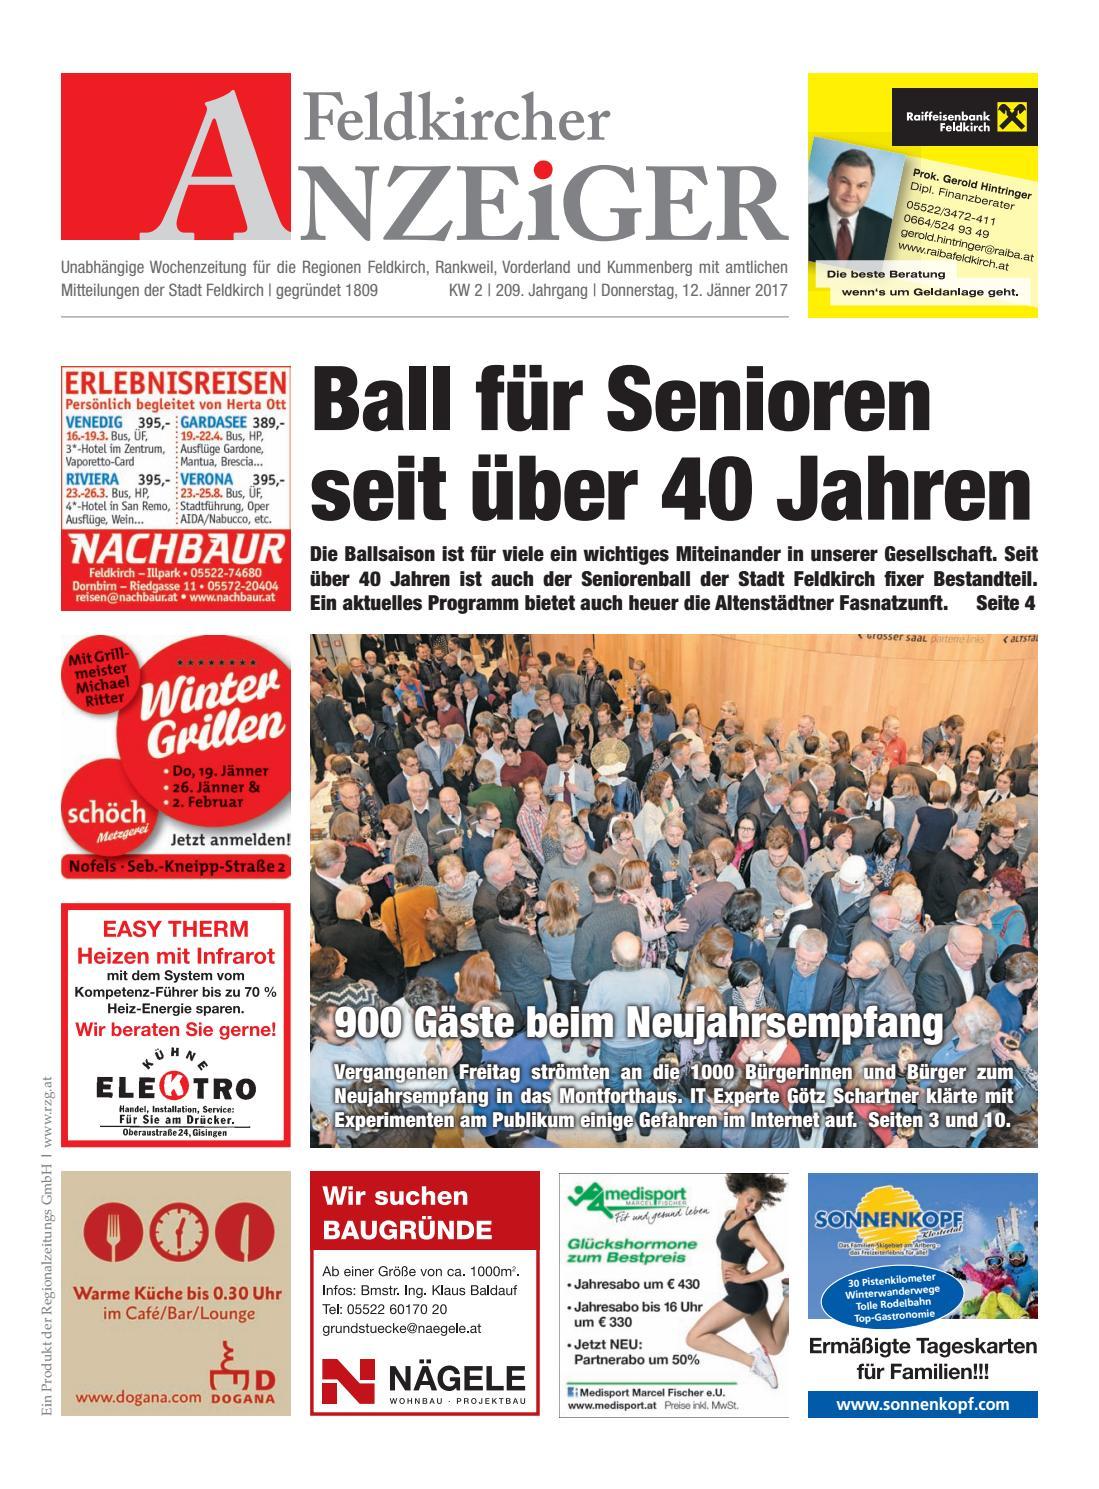 Fake Gewinnspiel in Vorarlberg wirbt via WhatsApp mit gratis